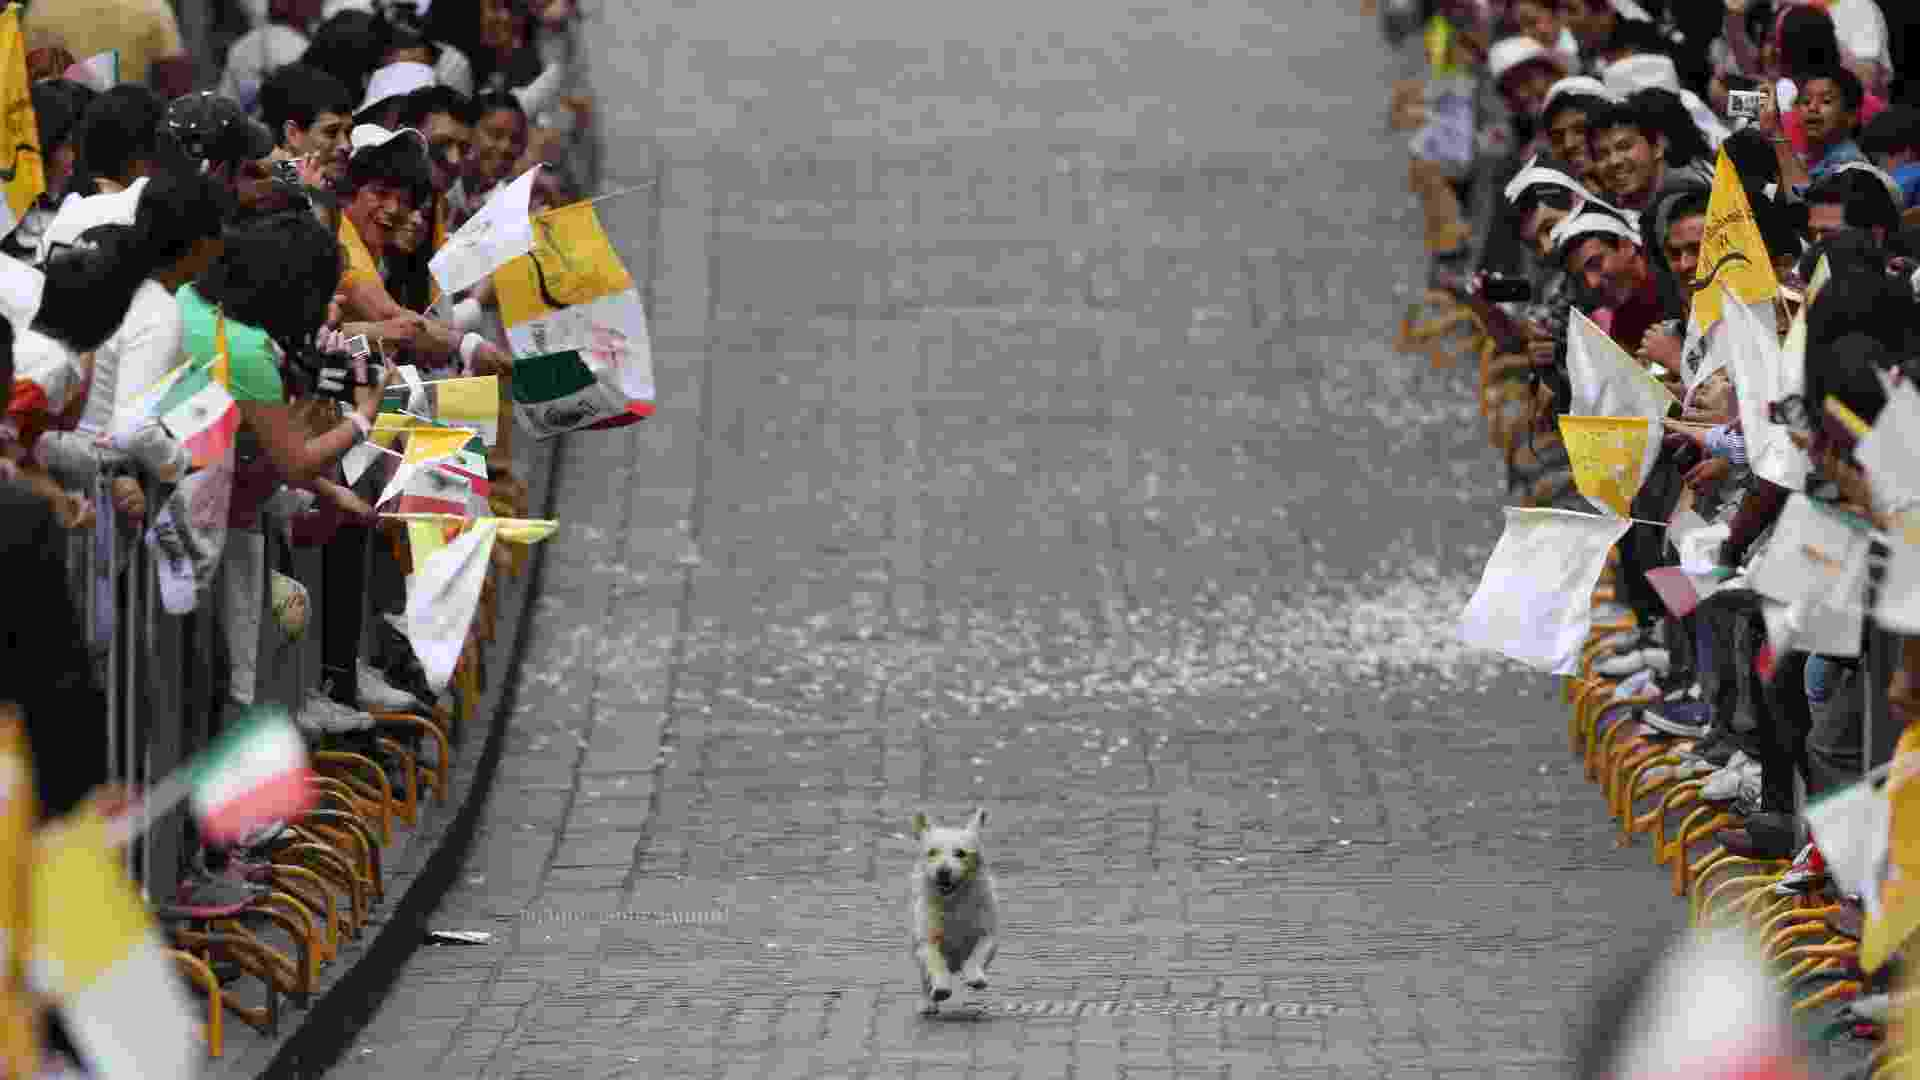 Cachorro chama atenção dos fiéis que aguardavam a chegada do papa Bento 16 na Praça da Paz, na cidade mexicana de Guanajuato, ao percorrer o caminho reservado para a passagem do pontífice a bordo do papamóvel - Alexandre Meneghini/AP